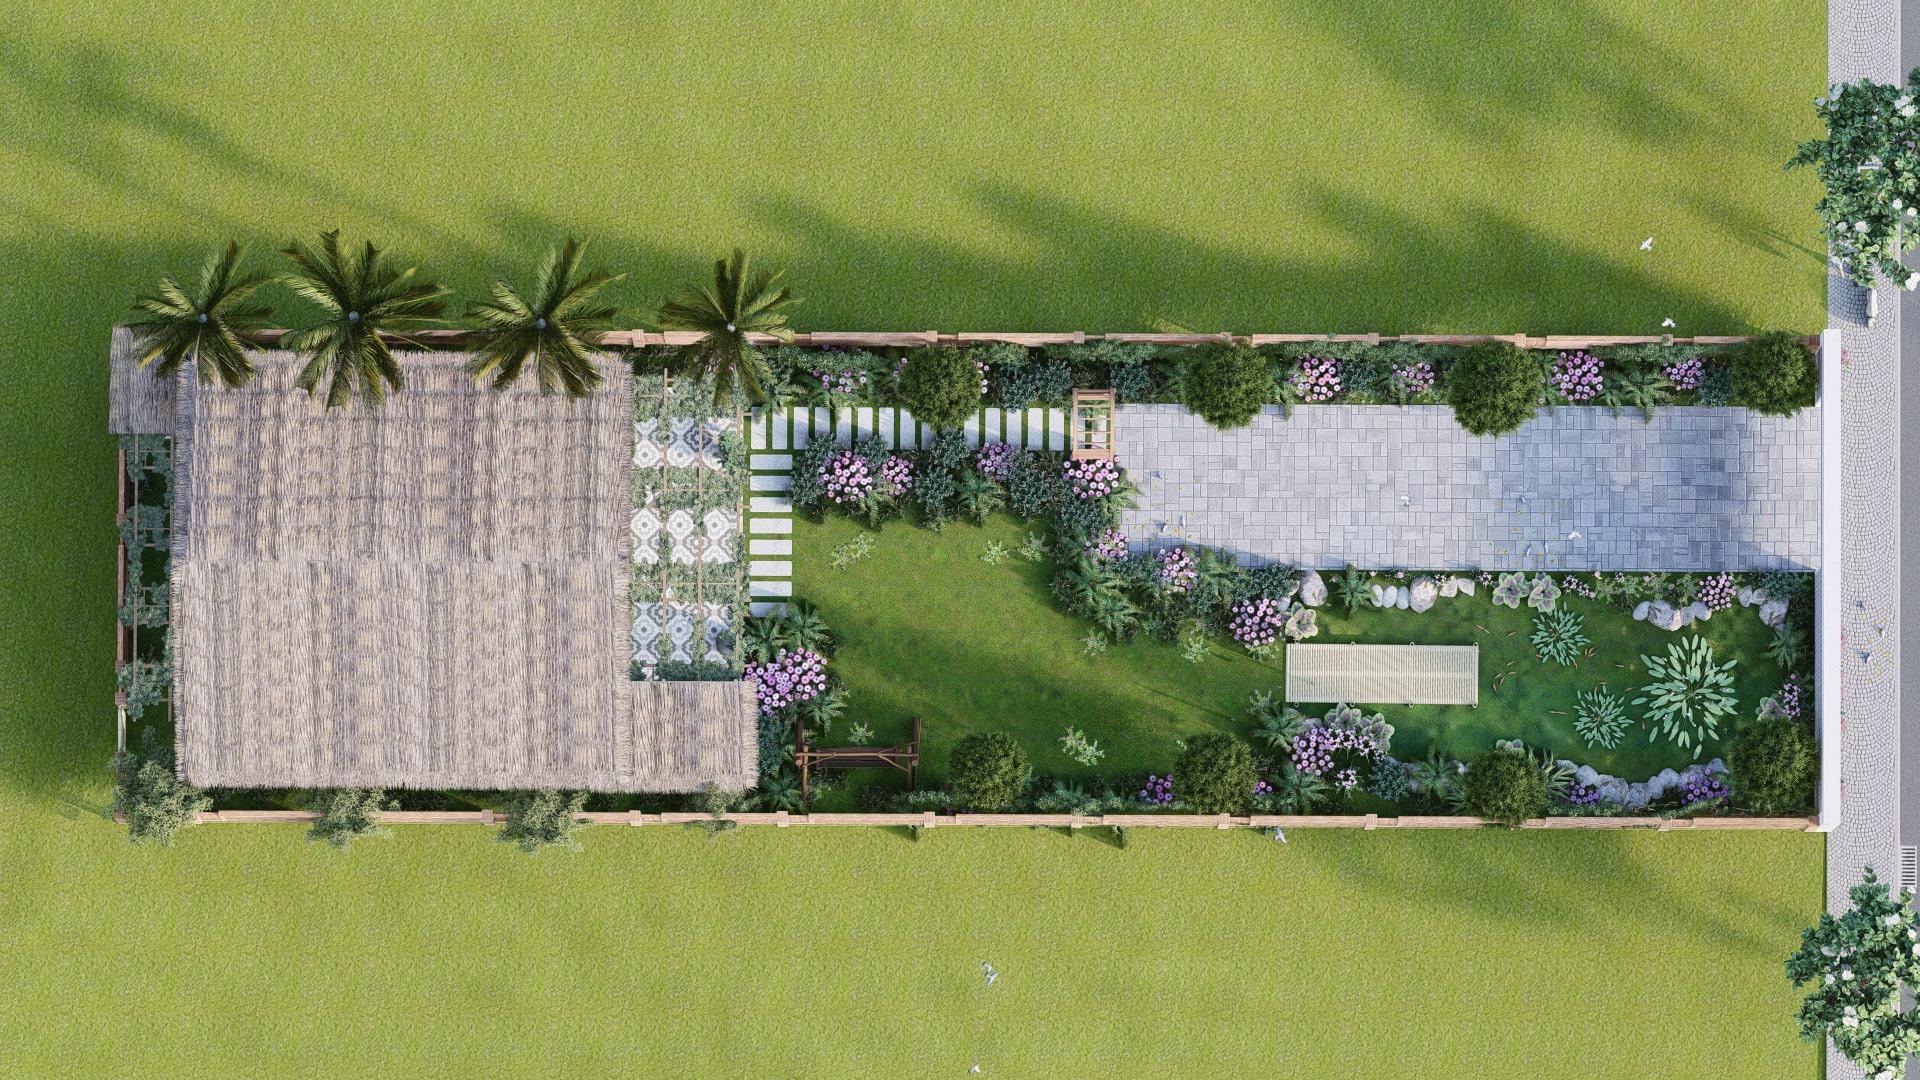 thiết kế Nhà tại Đồng Nai NHÀ SINH HOẠT TUẦN ,NGHĨ DƯỠNG  11 1557156710